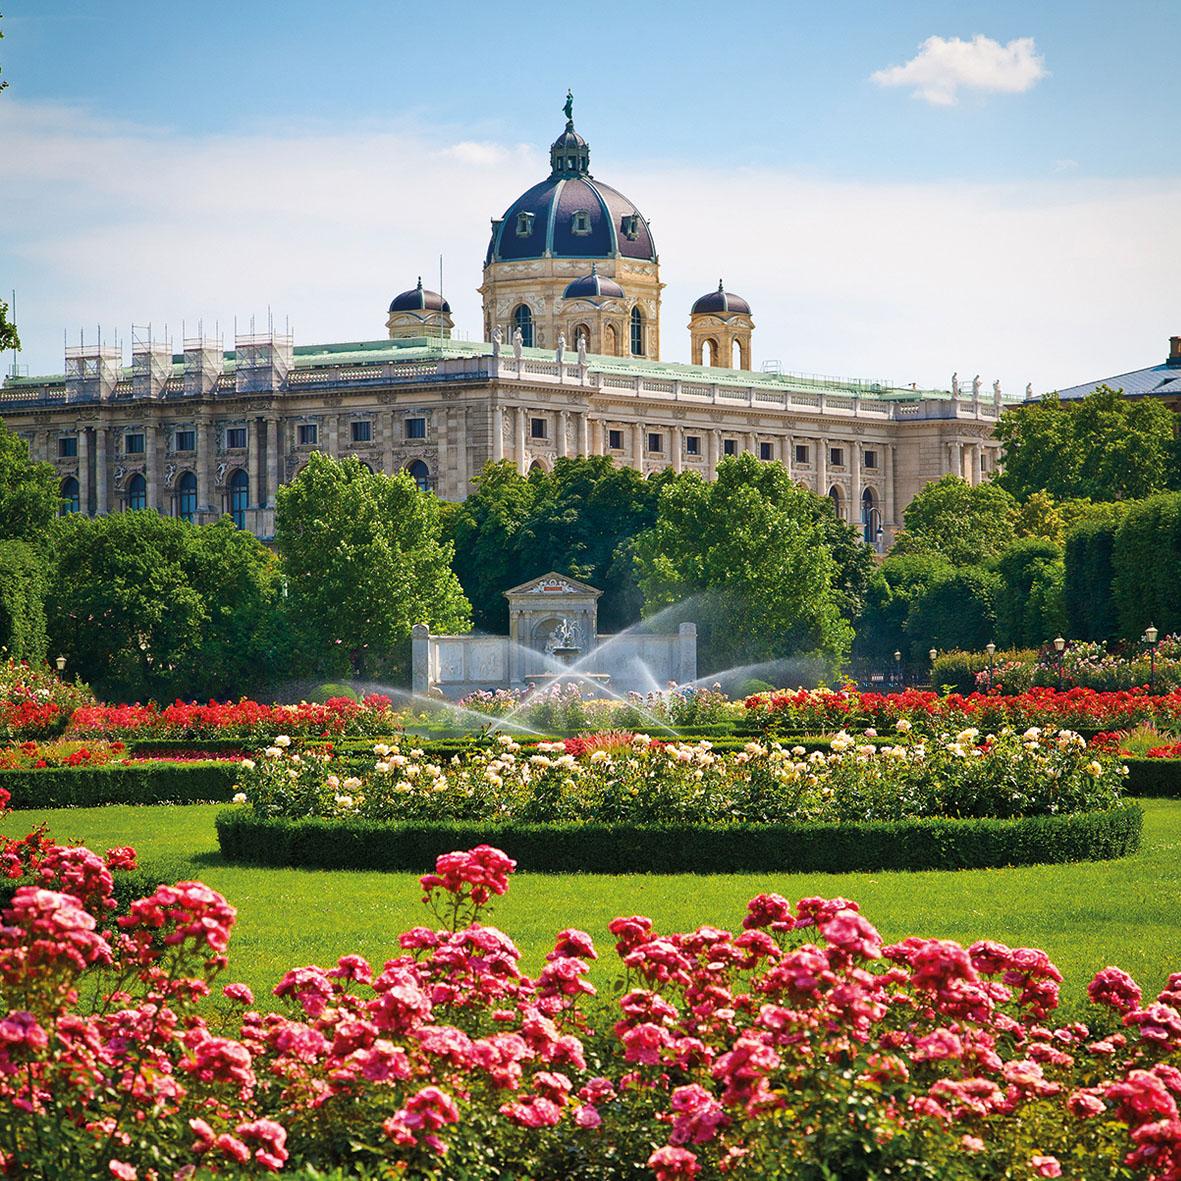 Park Volksgarten in front of Hofburg Palace, Vienna